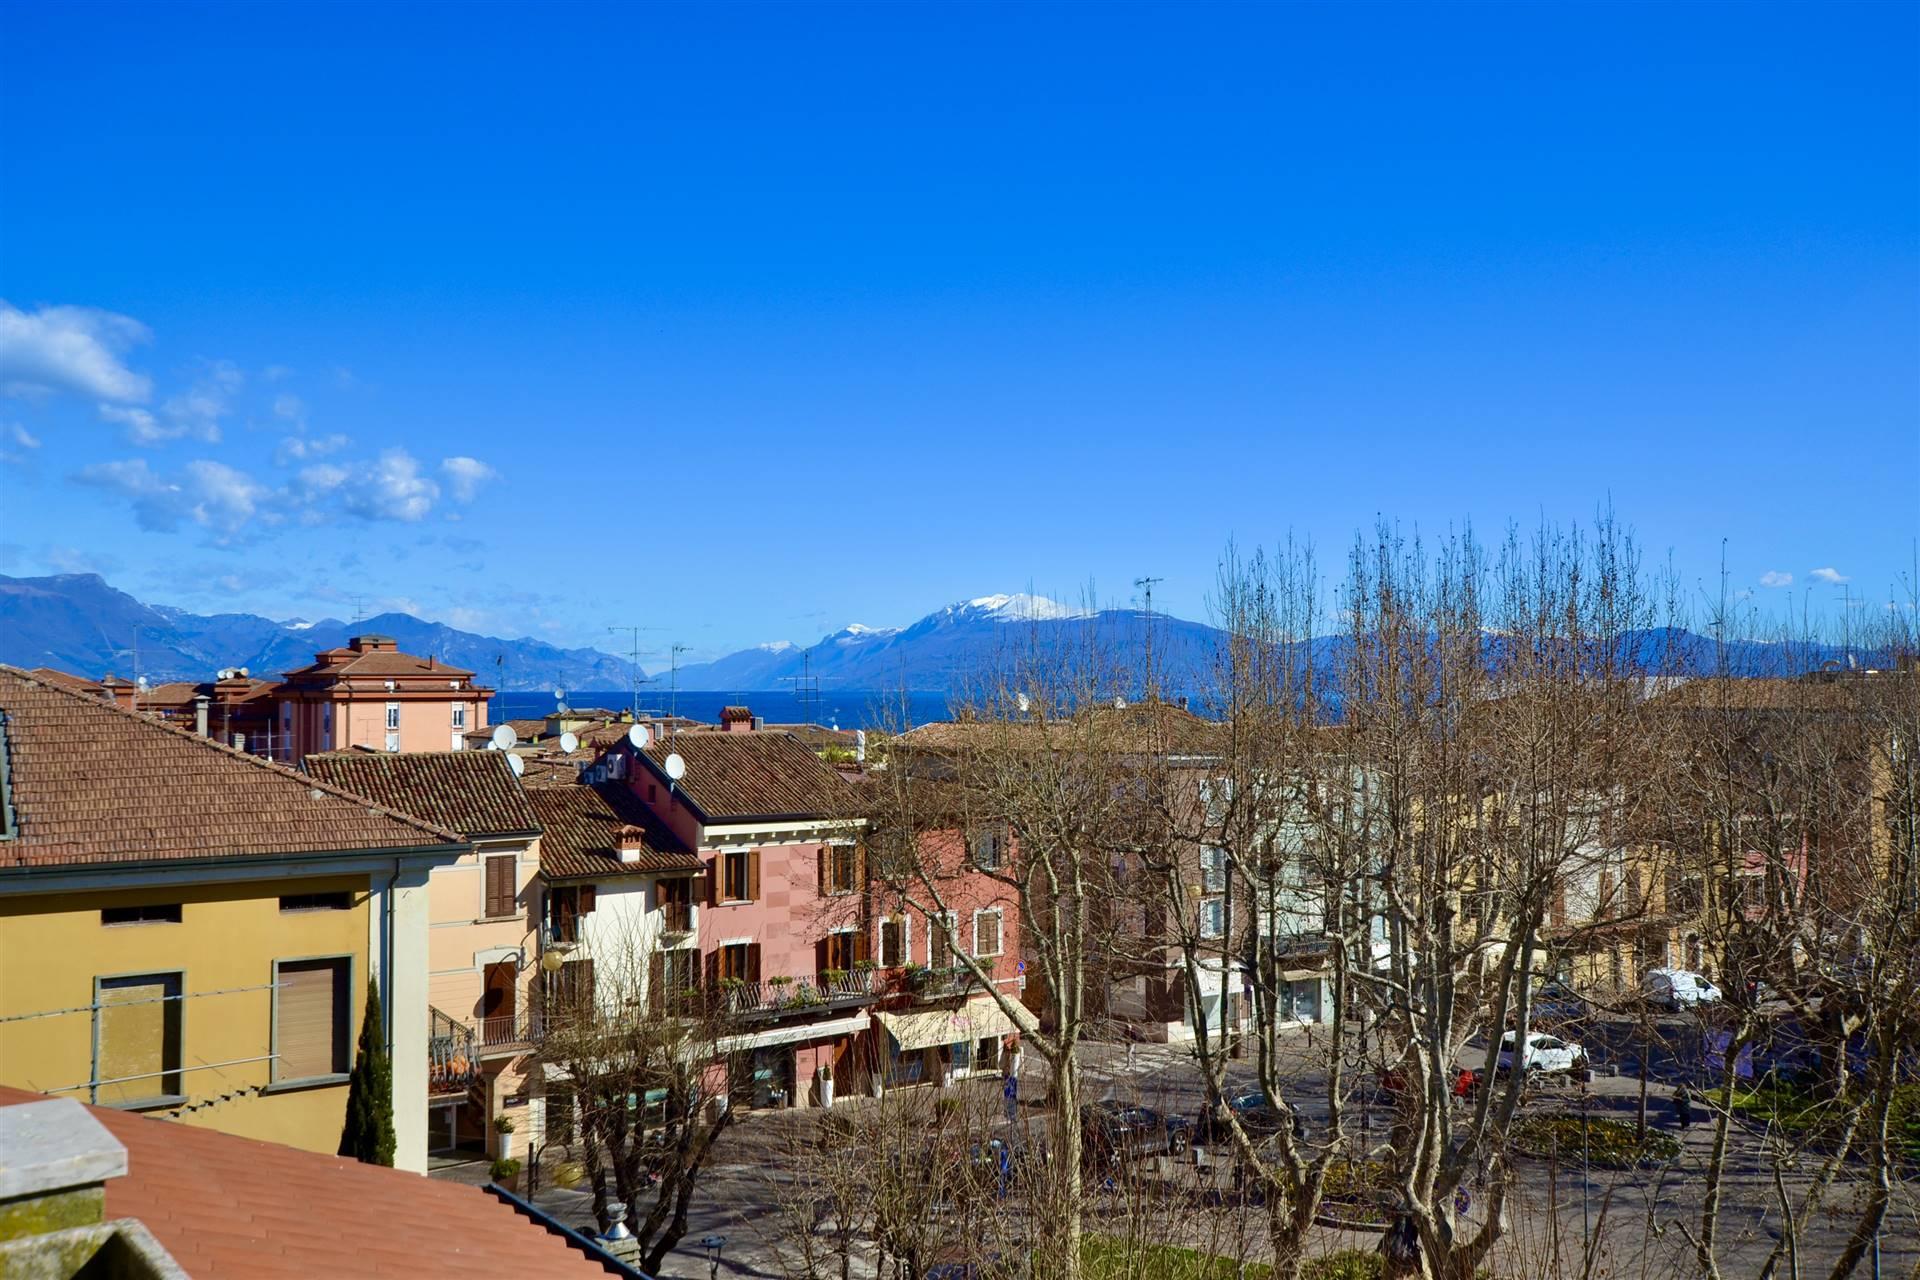 Attico / Mansarda in vendita a Desenzano del Garda, 5 locali, prezzo € 590.000 | PortaleAgenzieImmobiliari.it